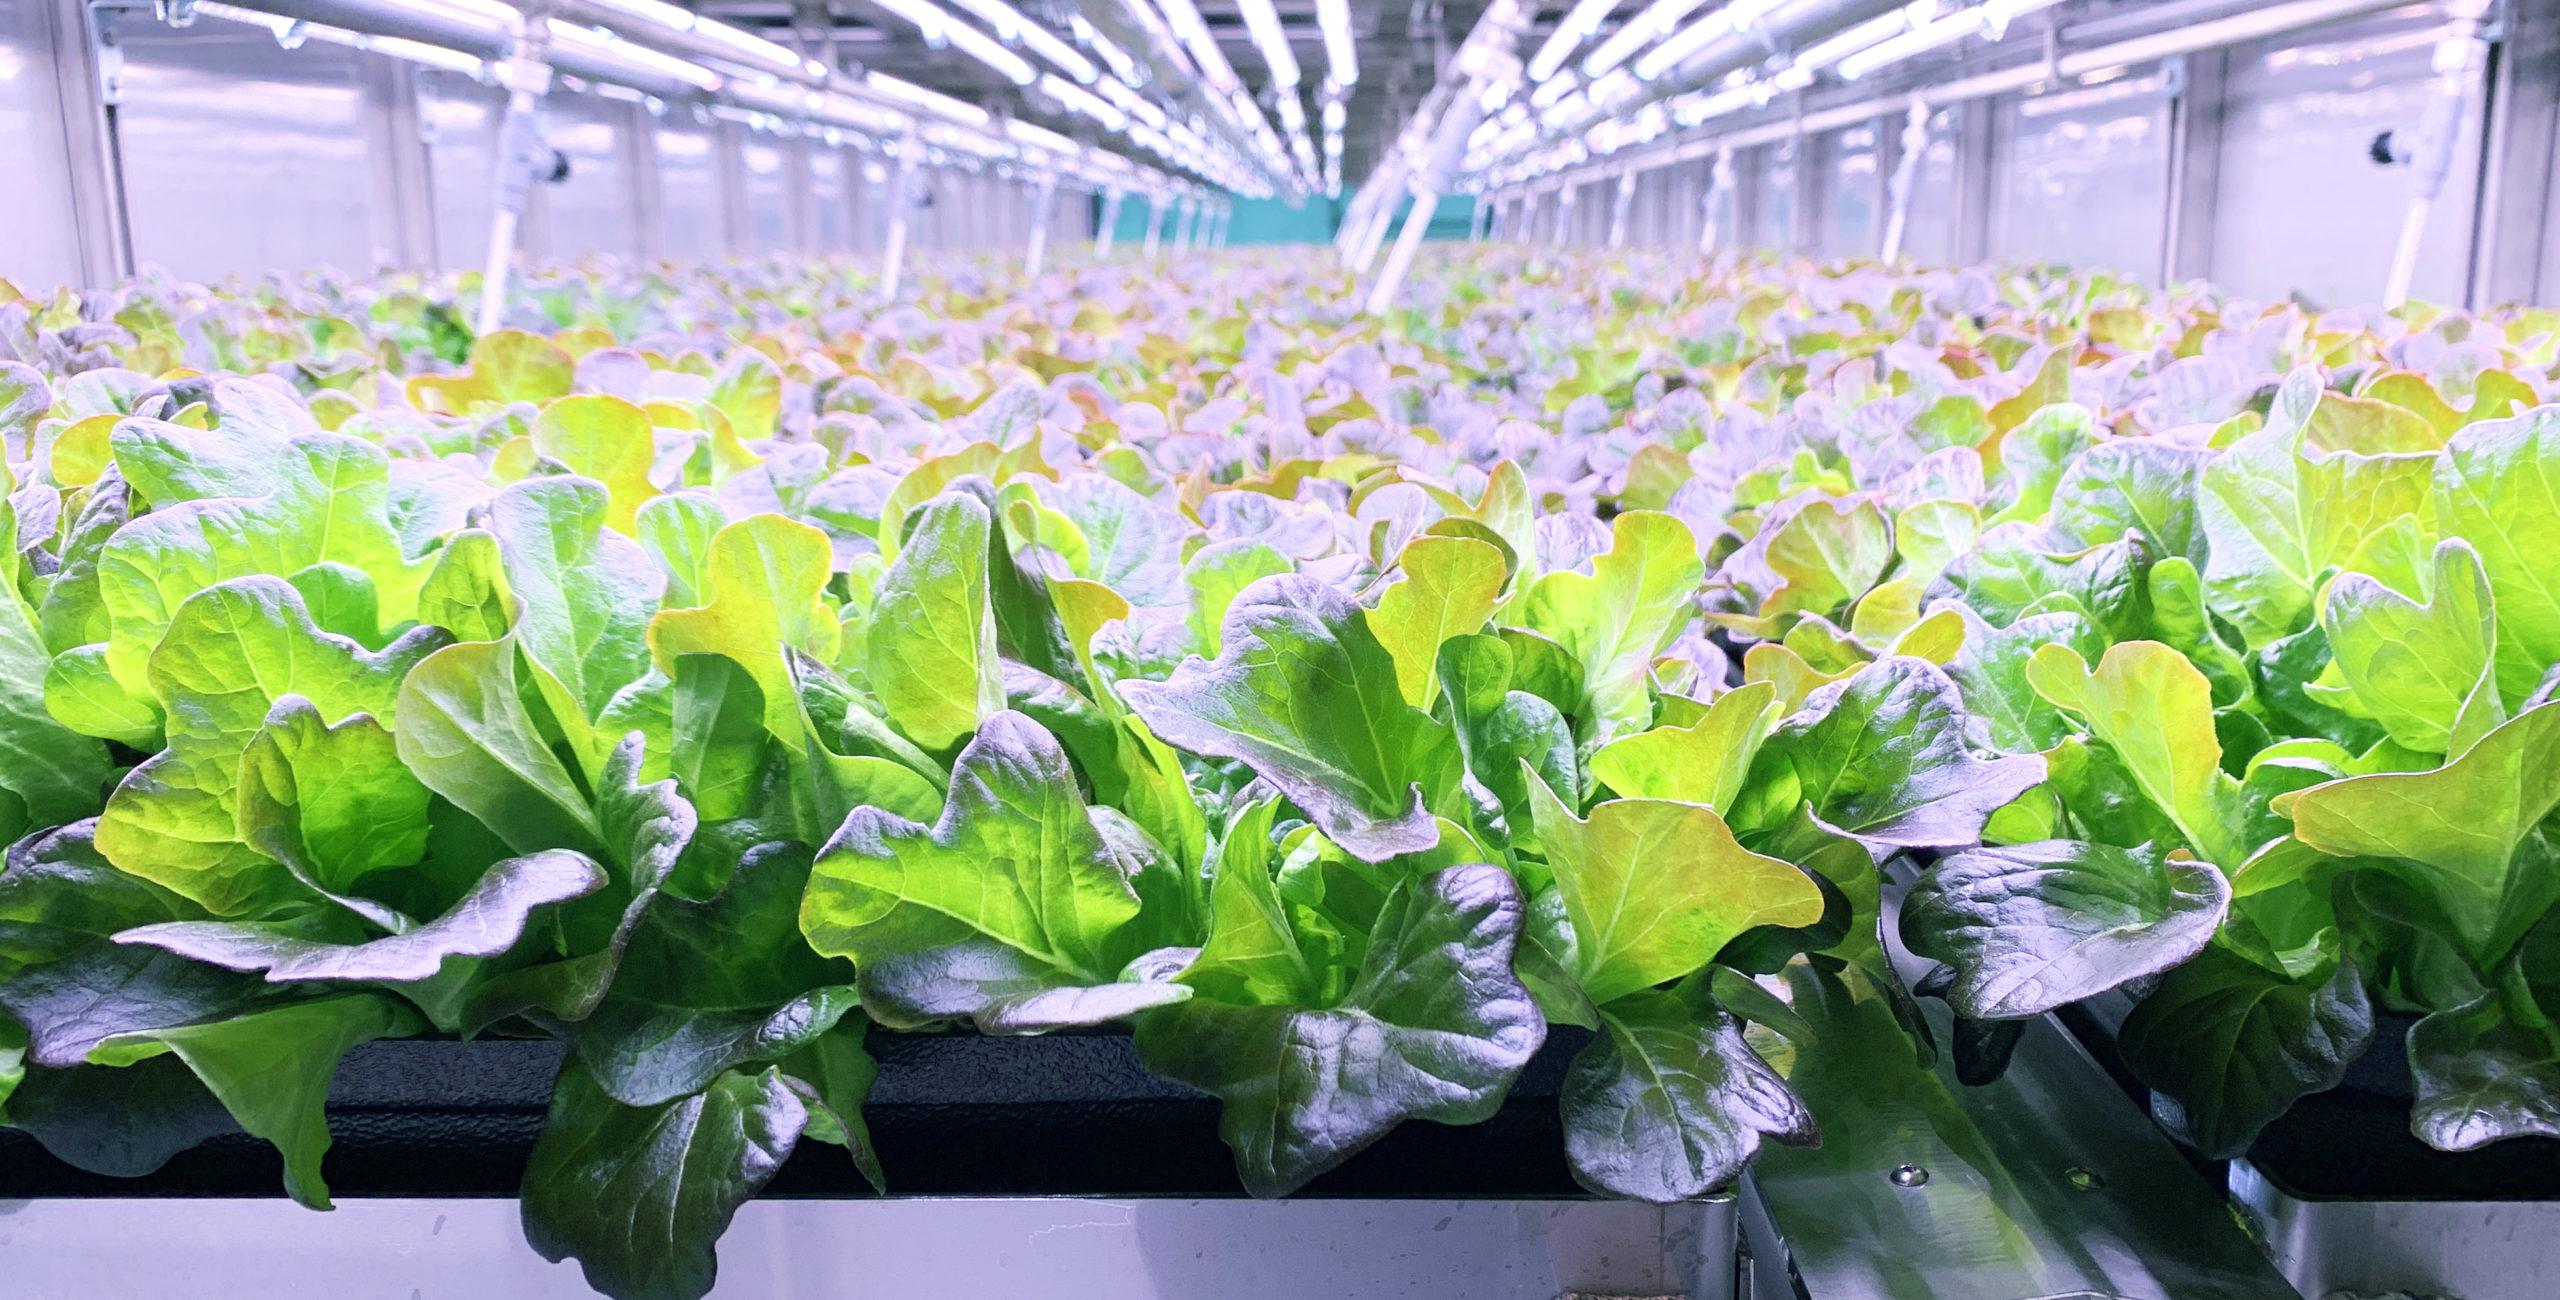 80 Acres Farms Leafy Greens in Indoor Farm